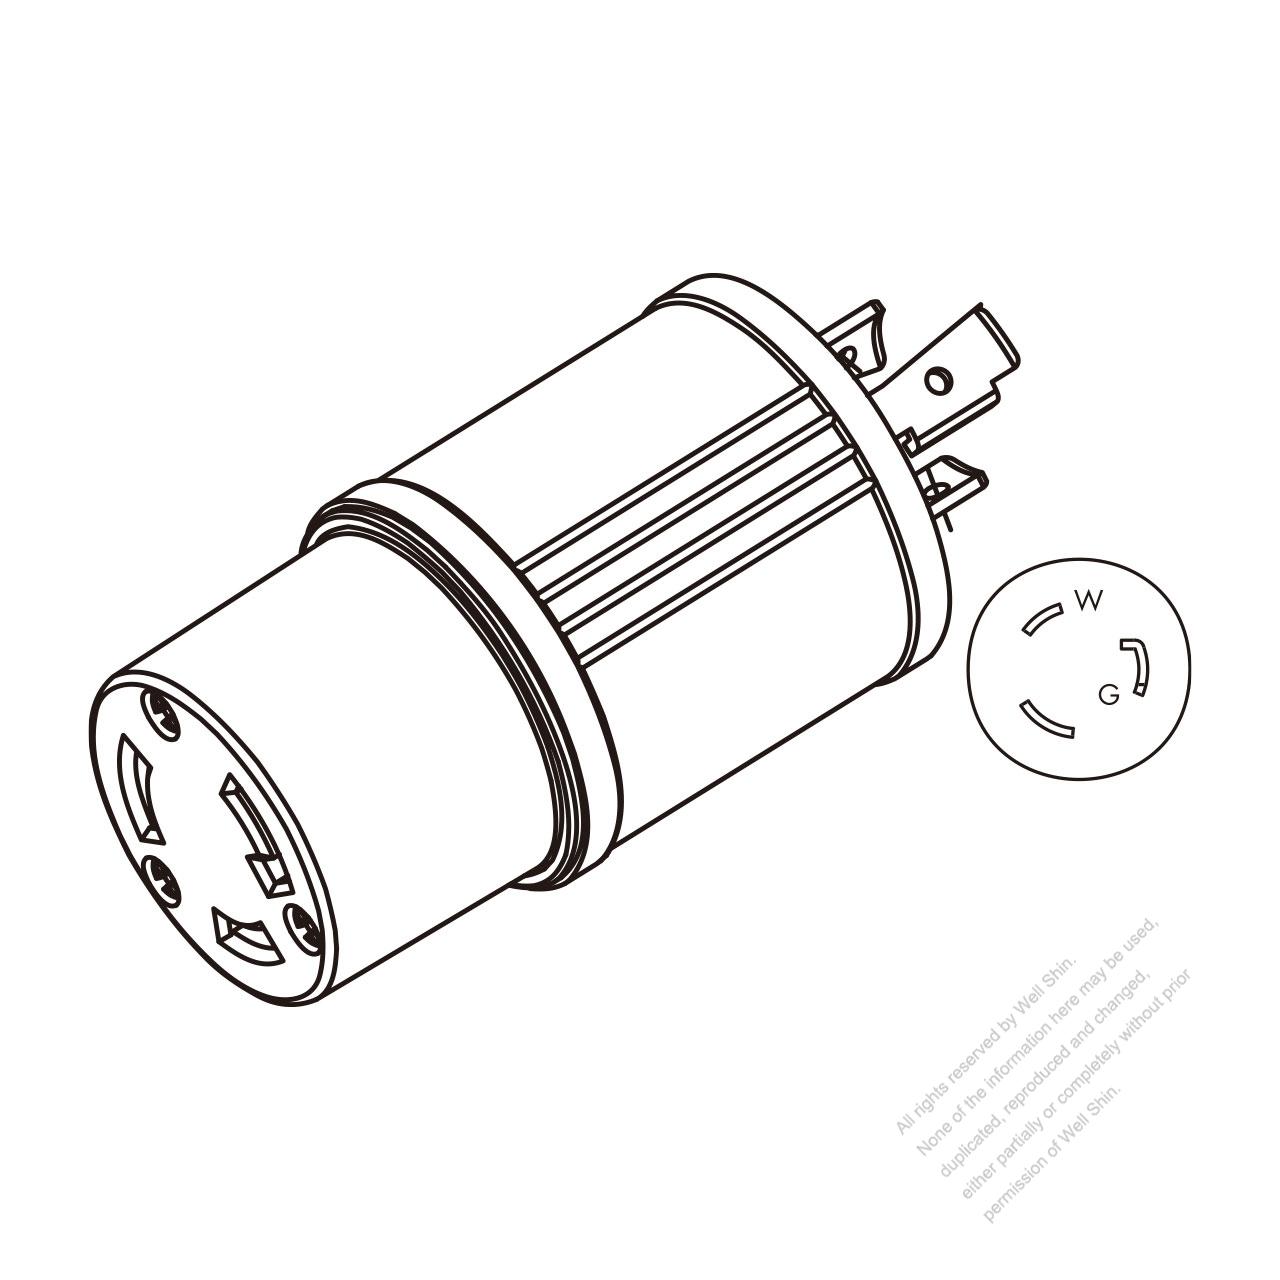 Adapter Plug Nema L5 20p Twist Locking To L5 30r 2 P 3